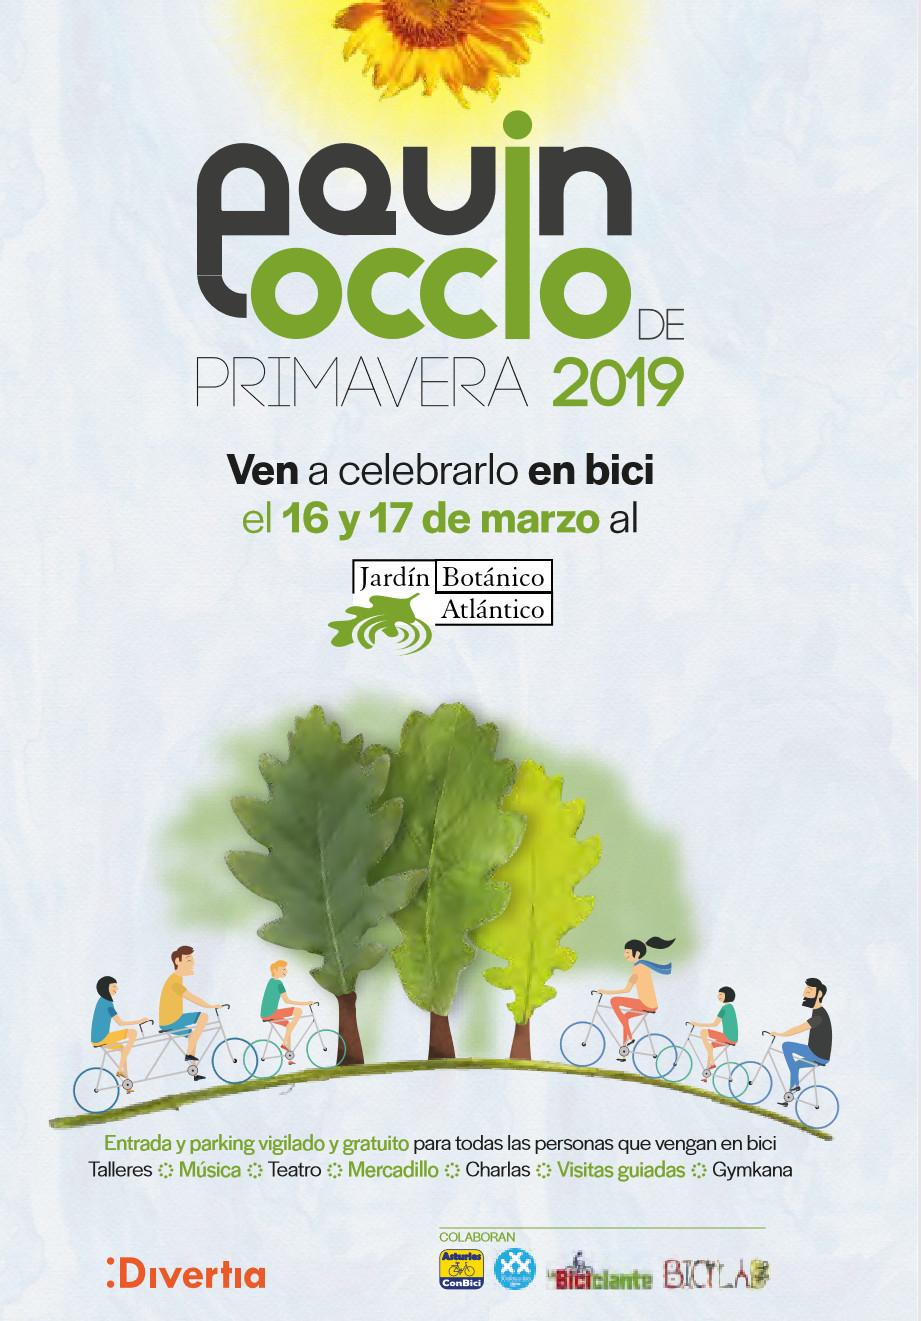 BOTÁNICO DE GIJÓN: Entrada gratis los días 16 y 17 de marzo para todo el que acuda en bicicleta